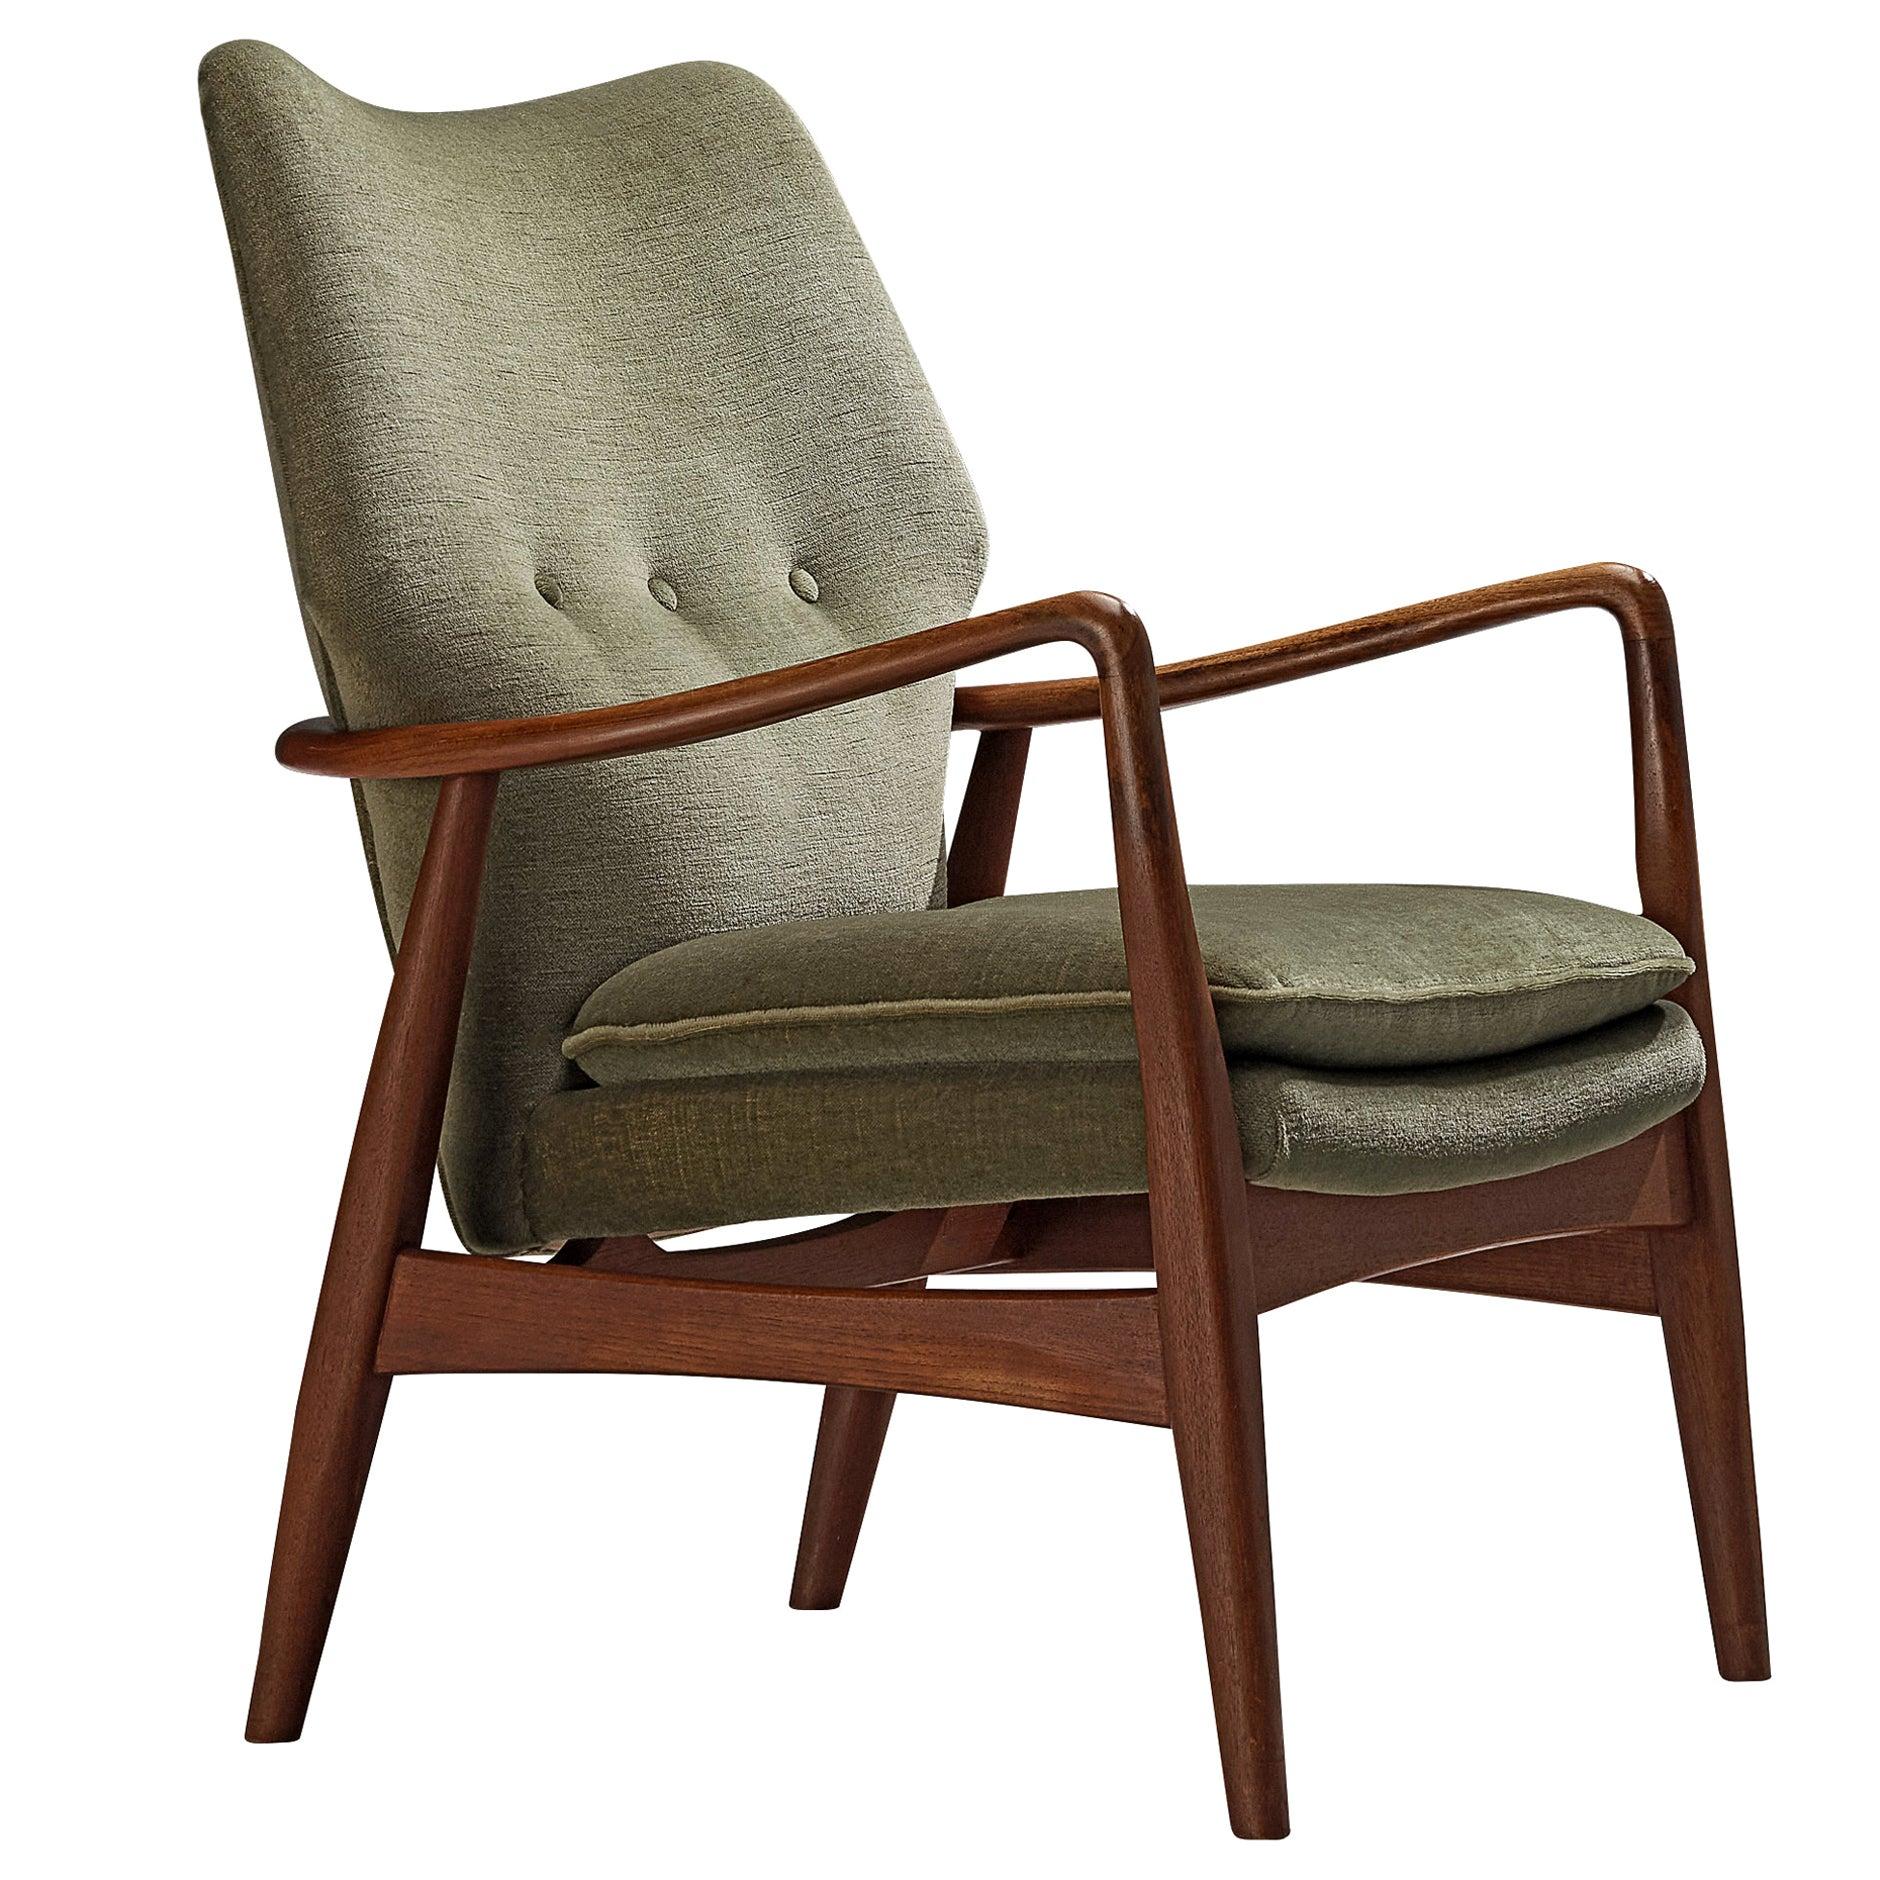 Aksel Bender Madsen for Bovenkamp Teak Lounge Chair in Soft Green Upholstery